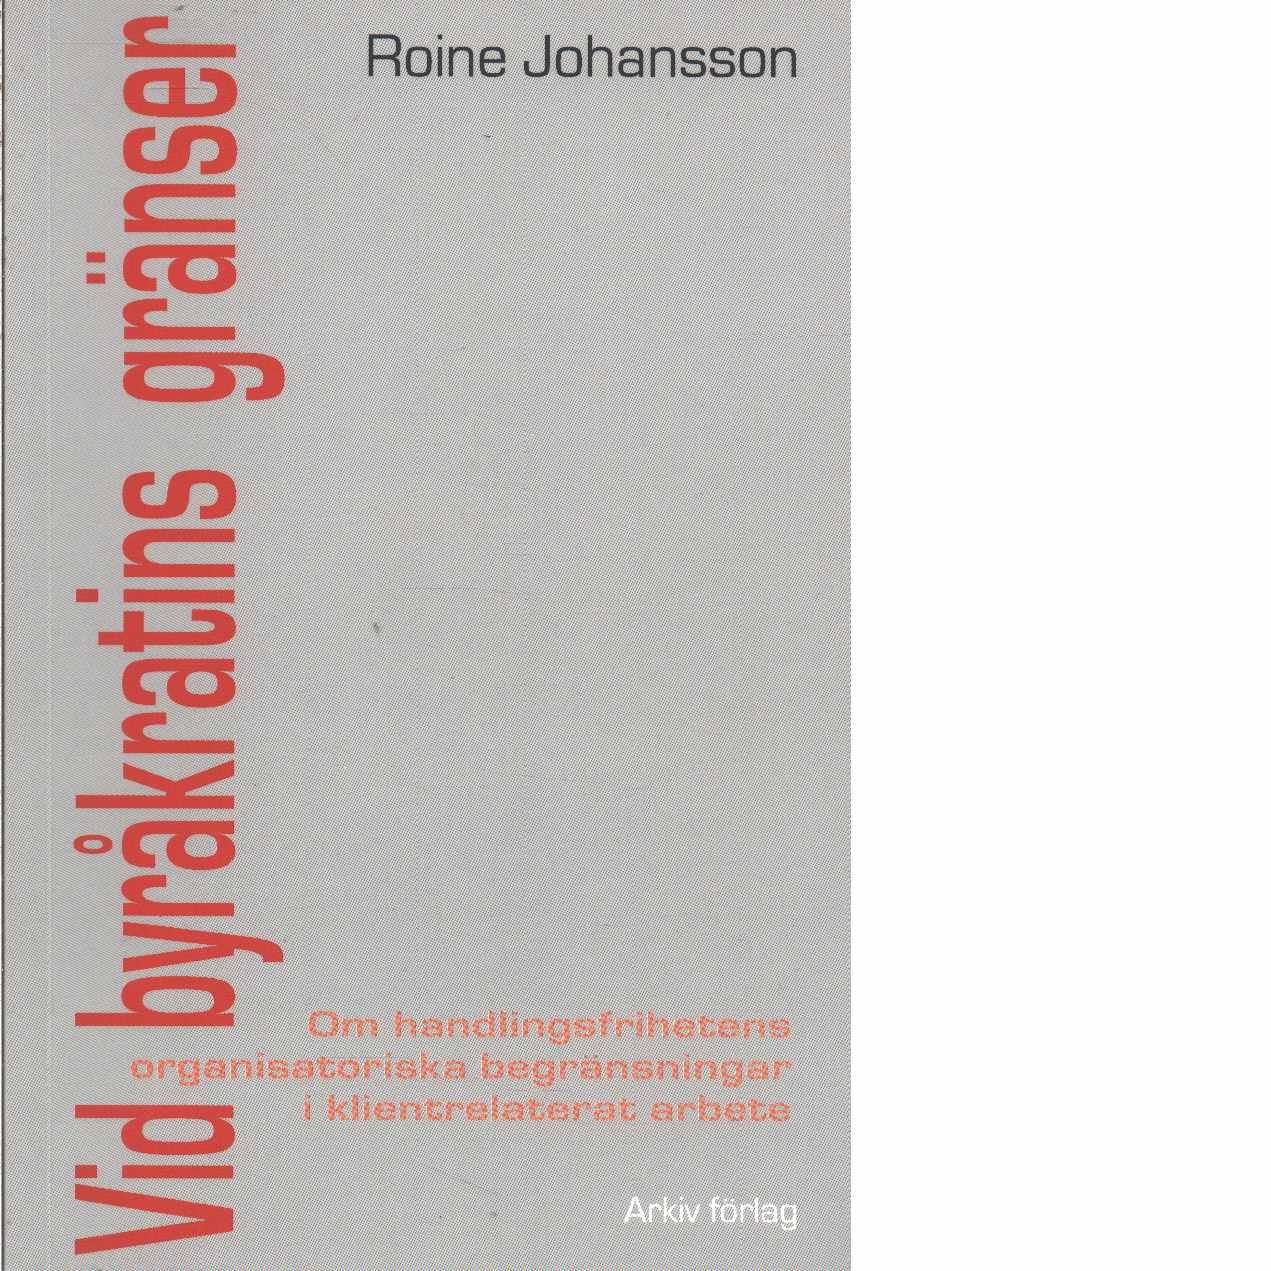 Vid byråkratins gränser : om handlingsfrihetens organisatoriska begränsningar i klientrelaterat arbete  - Johansson, Roine